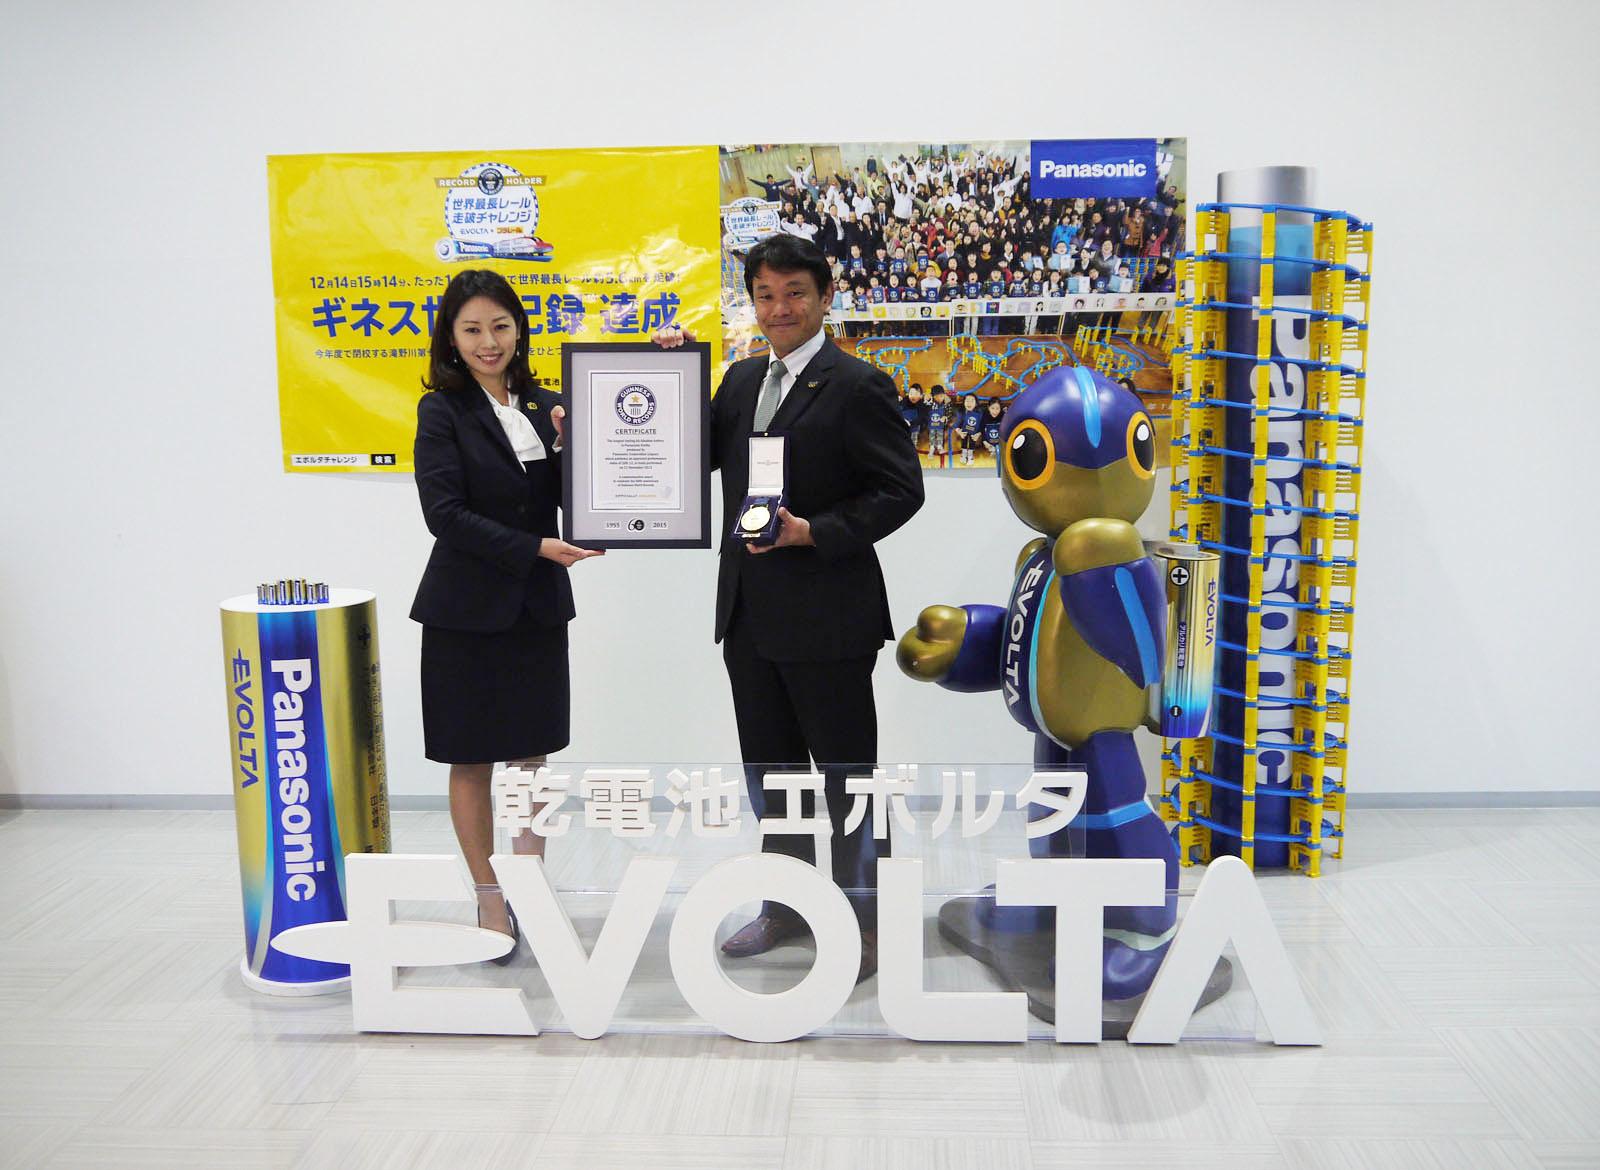 ギネス世界記録60周年記念認定証を受賞した「EVOLTA」